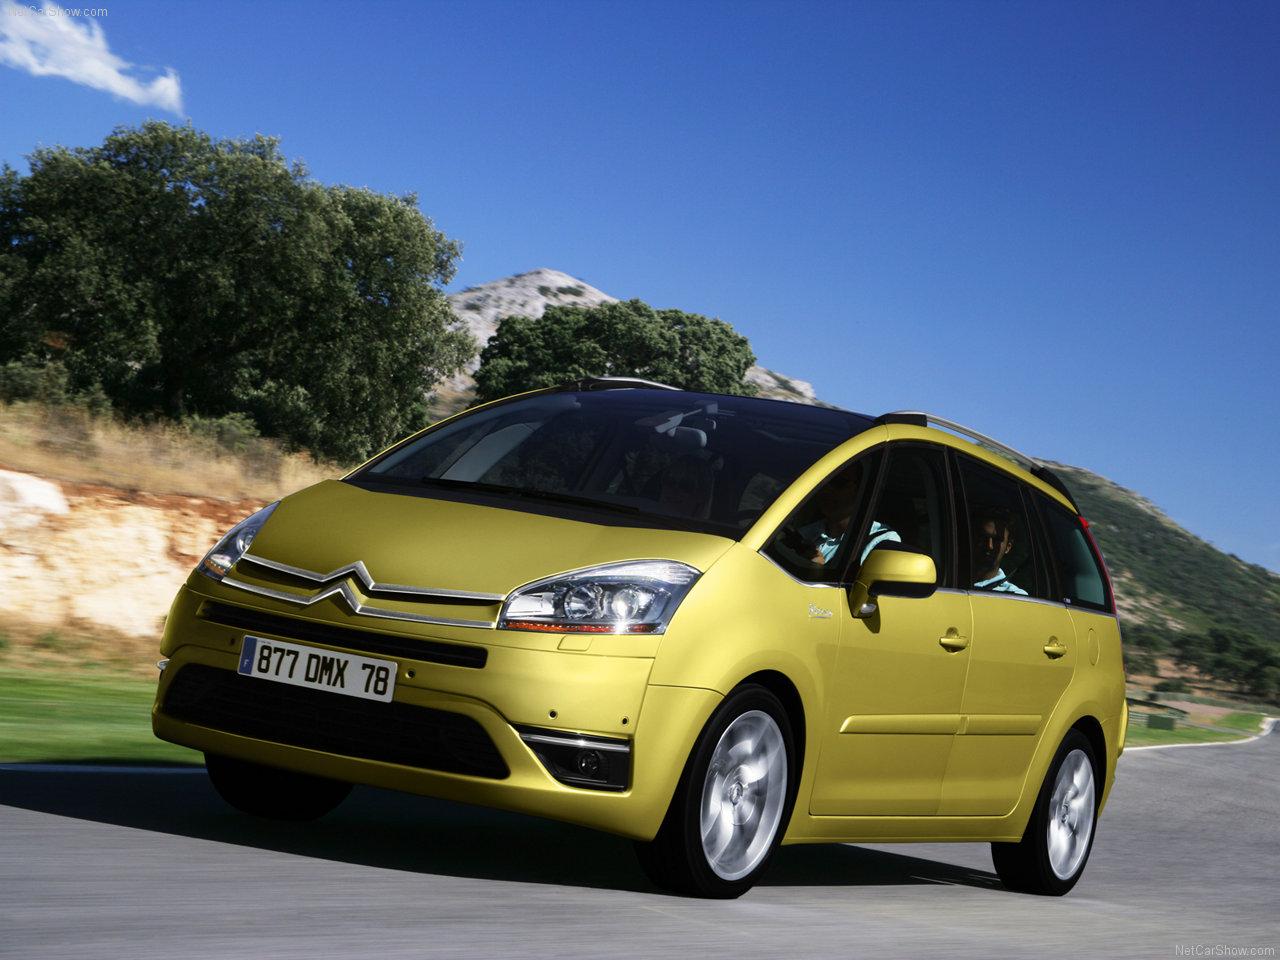 Citroën Grand C4 Picasso nouvelles 7-places a été nommé Meilleur